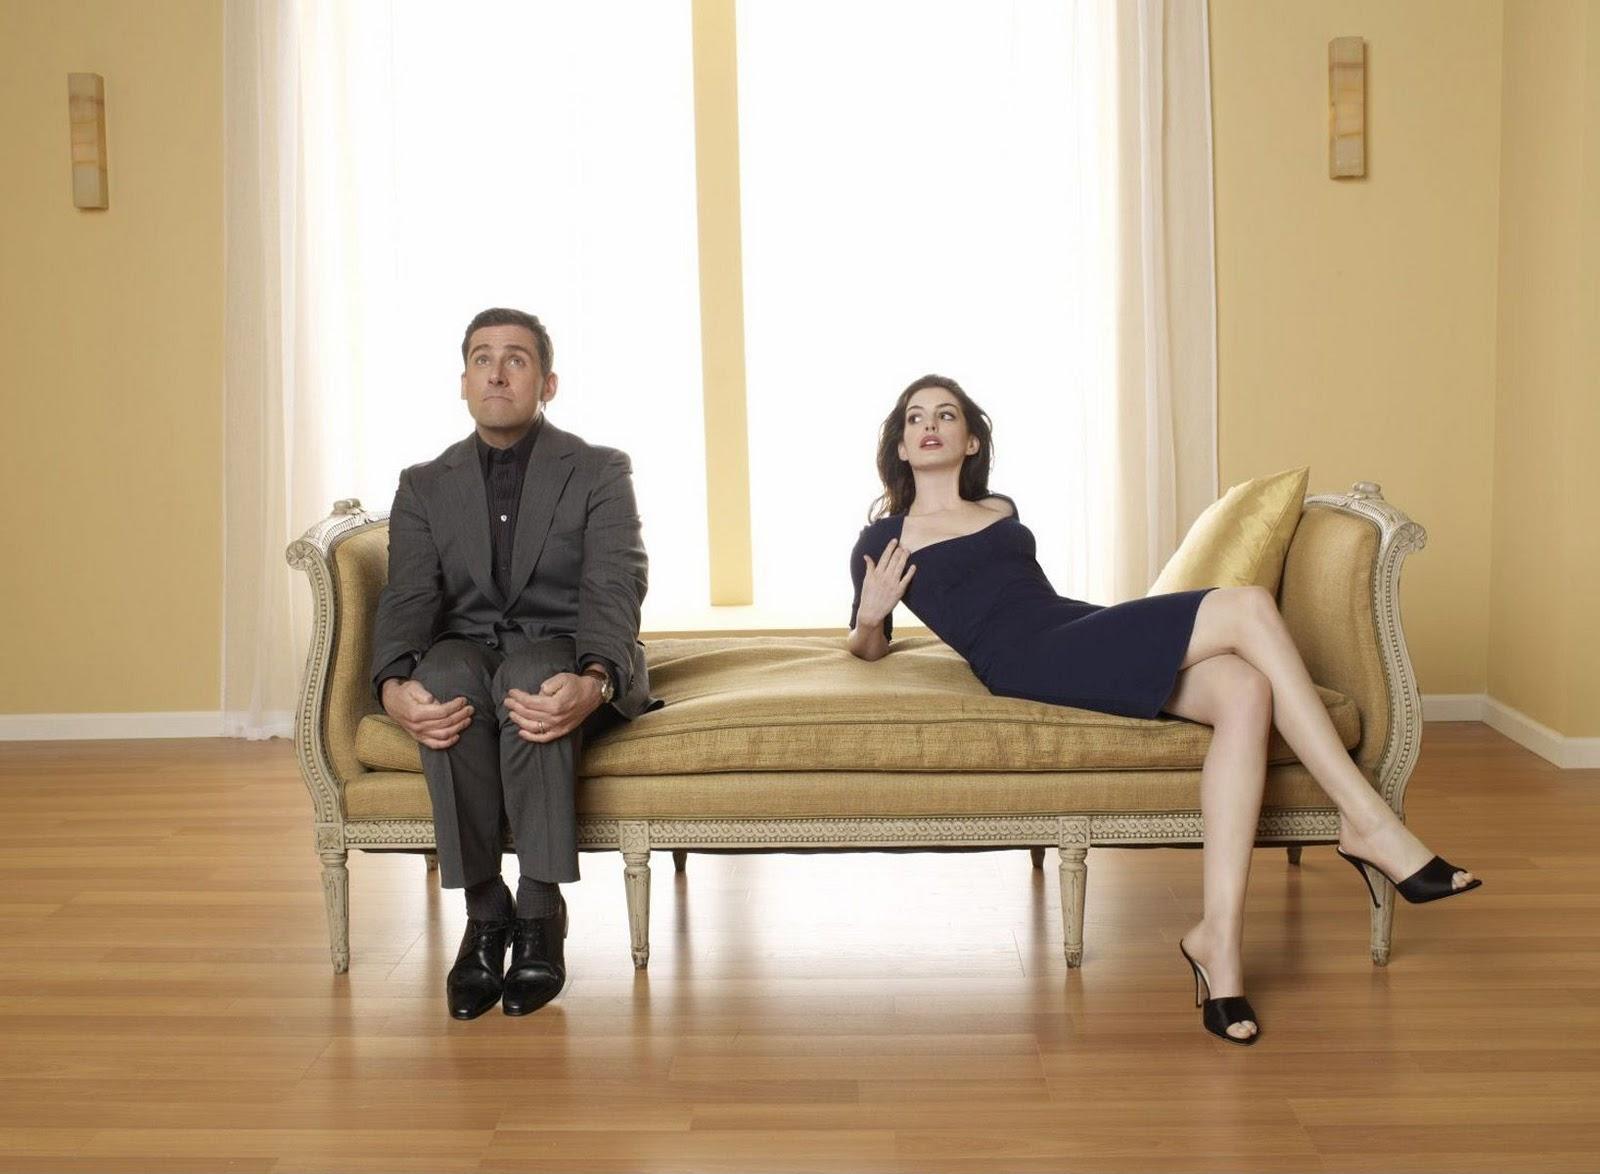 http://3.bp.blogspot.com/-4Wd2_vL2GLo/Tw8smBrxLVI/AAAAAAAAJeI/8D4kiqqrY4o/s1600/Anne+Hathaway+-+Get+Smart+-+Promo+Photo+a15.jpg